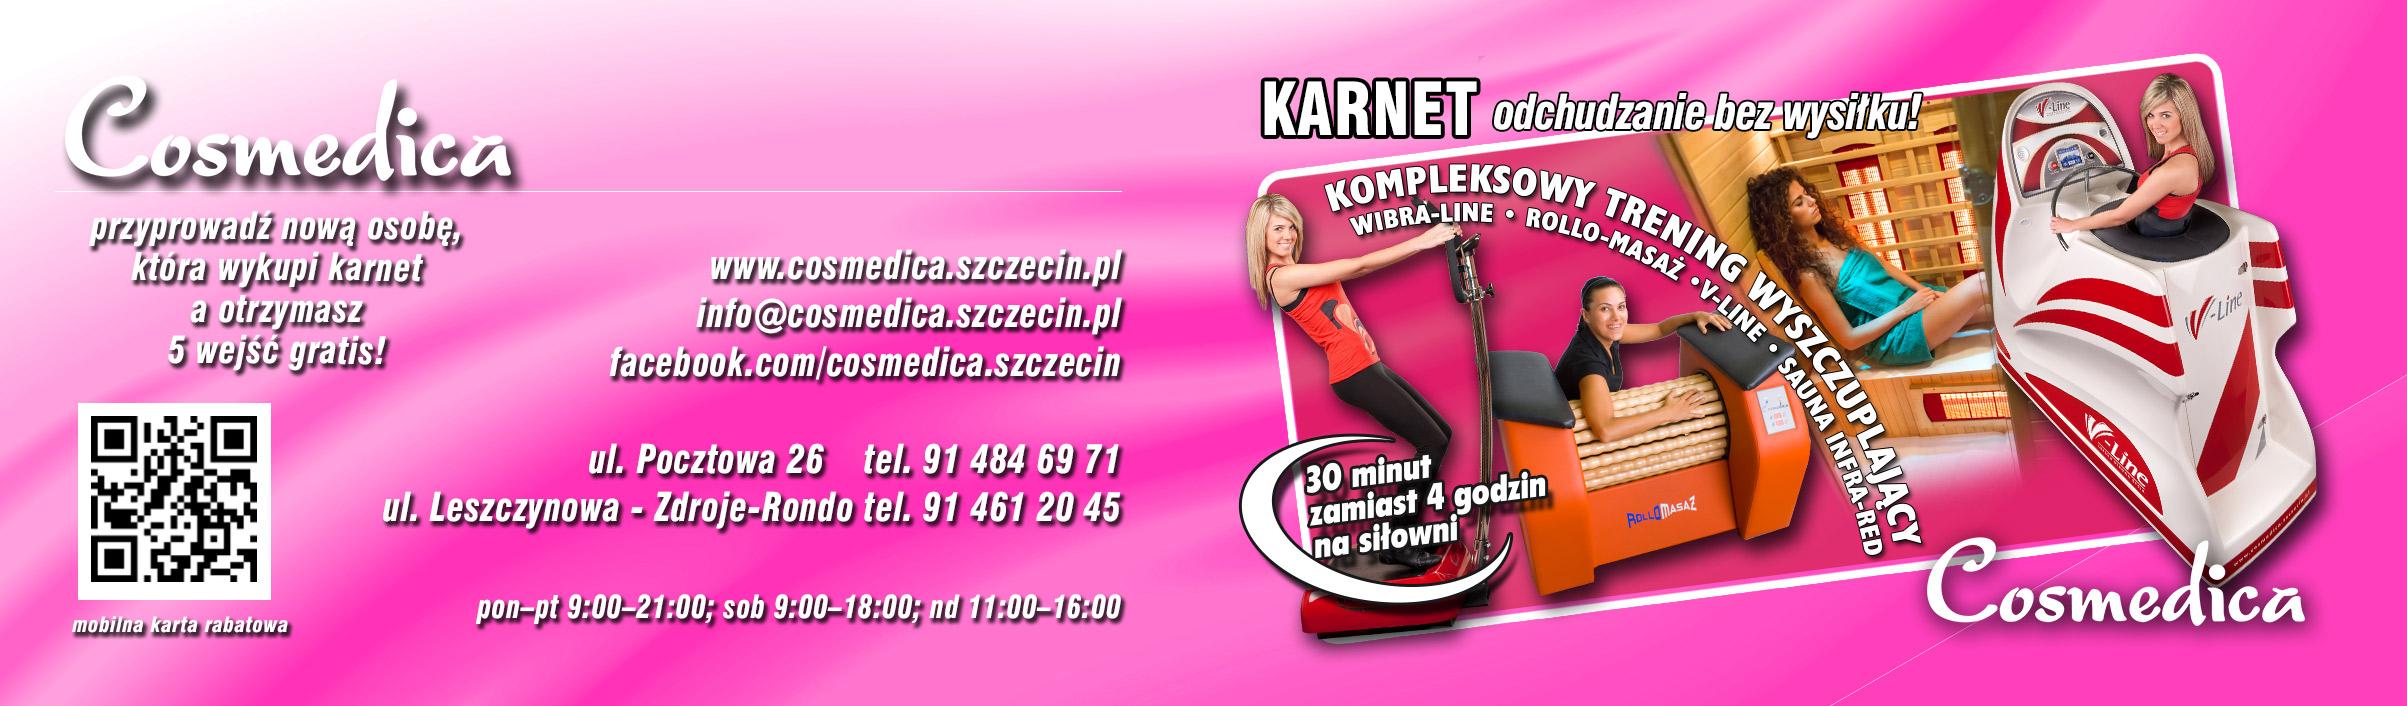 karnet1